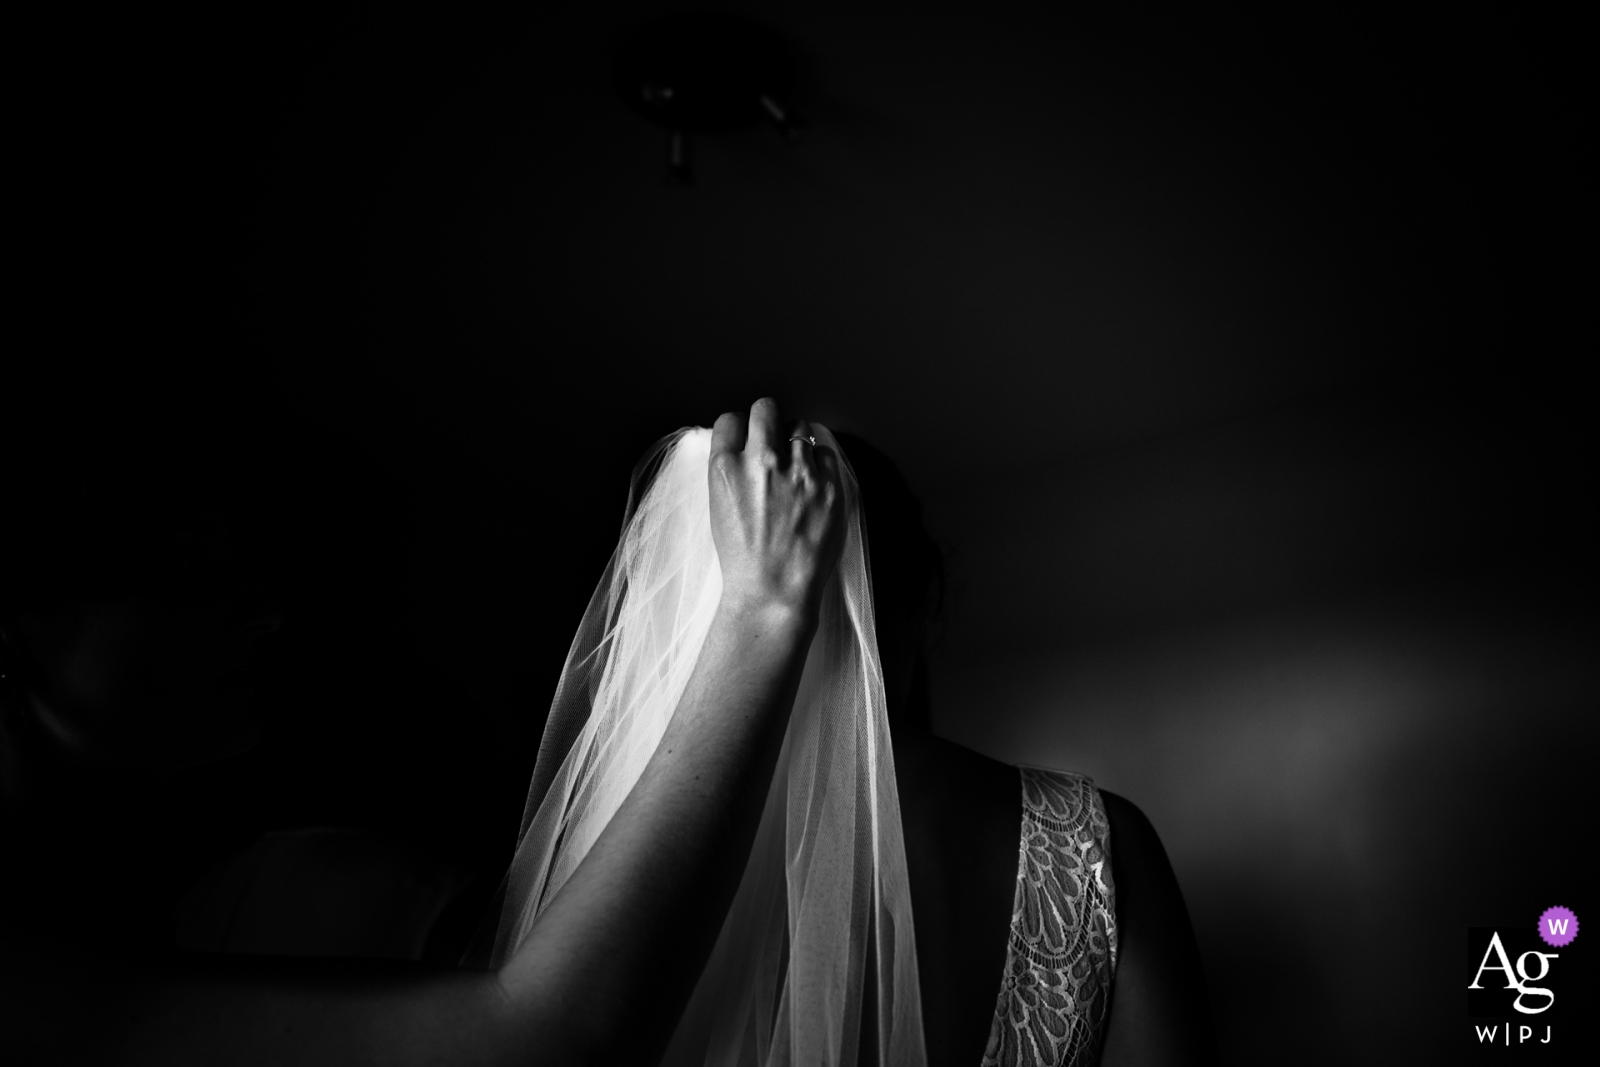 ain velo de novia con mano en blanco y negro